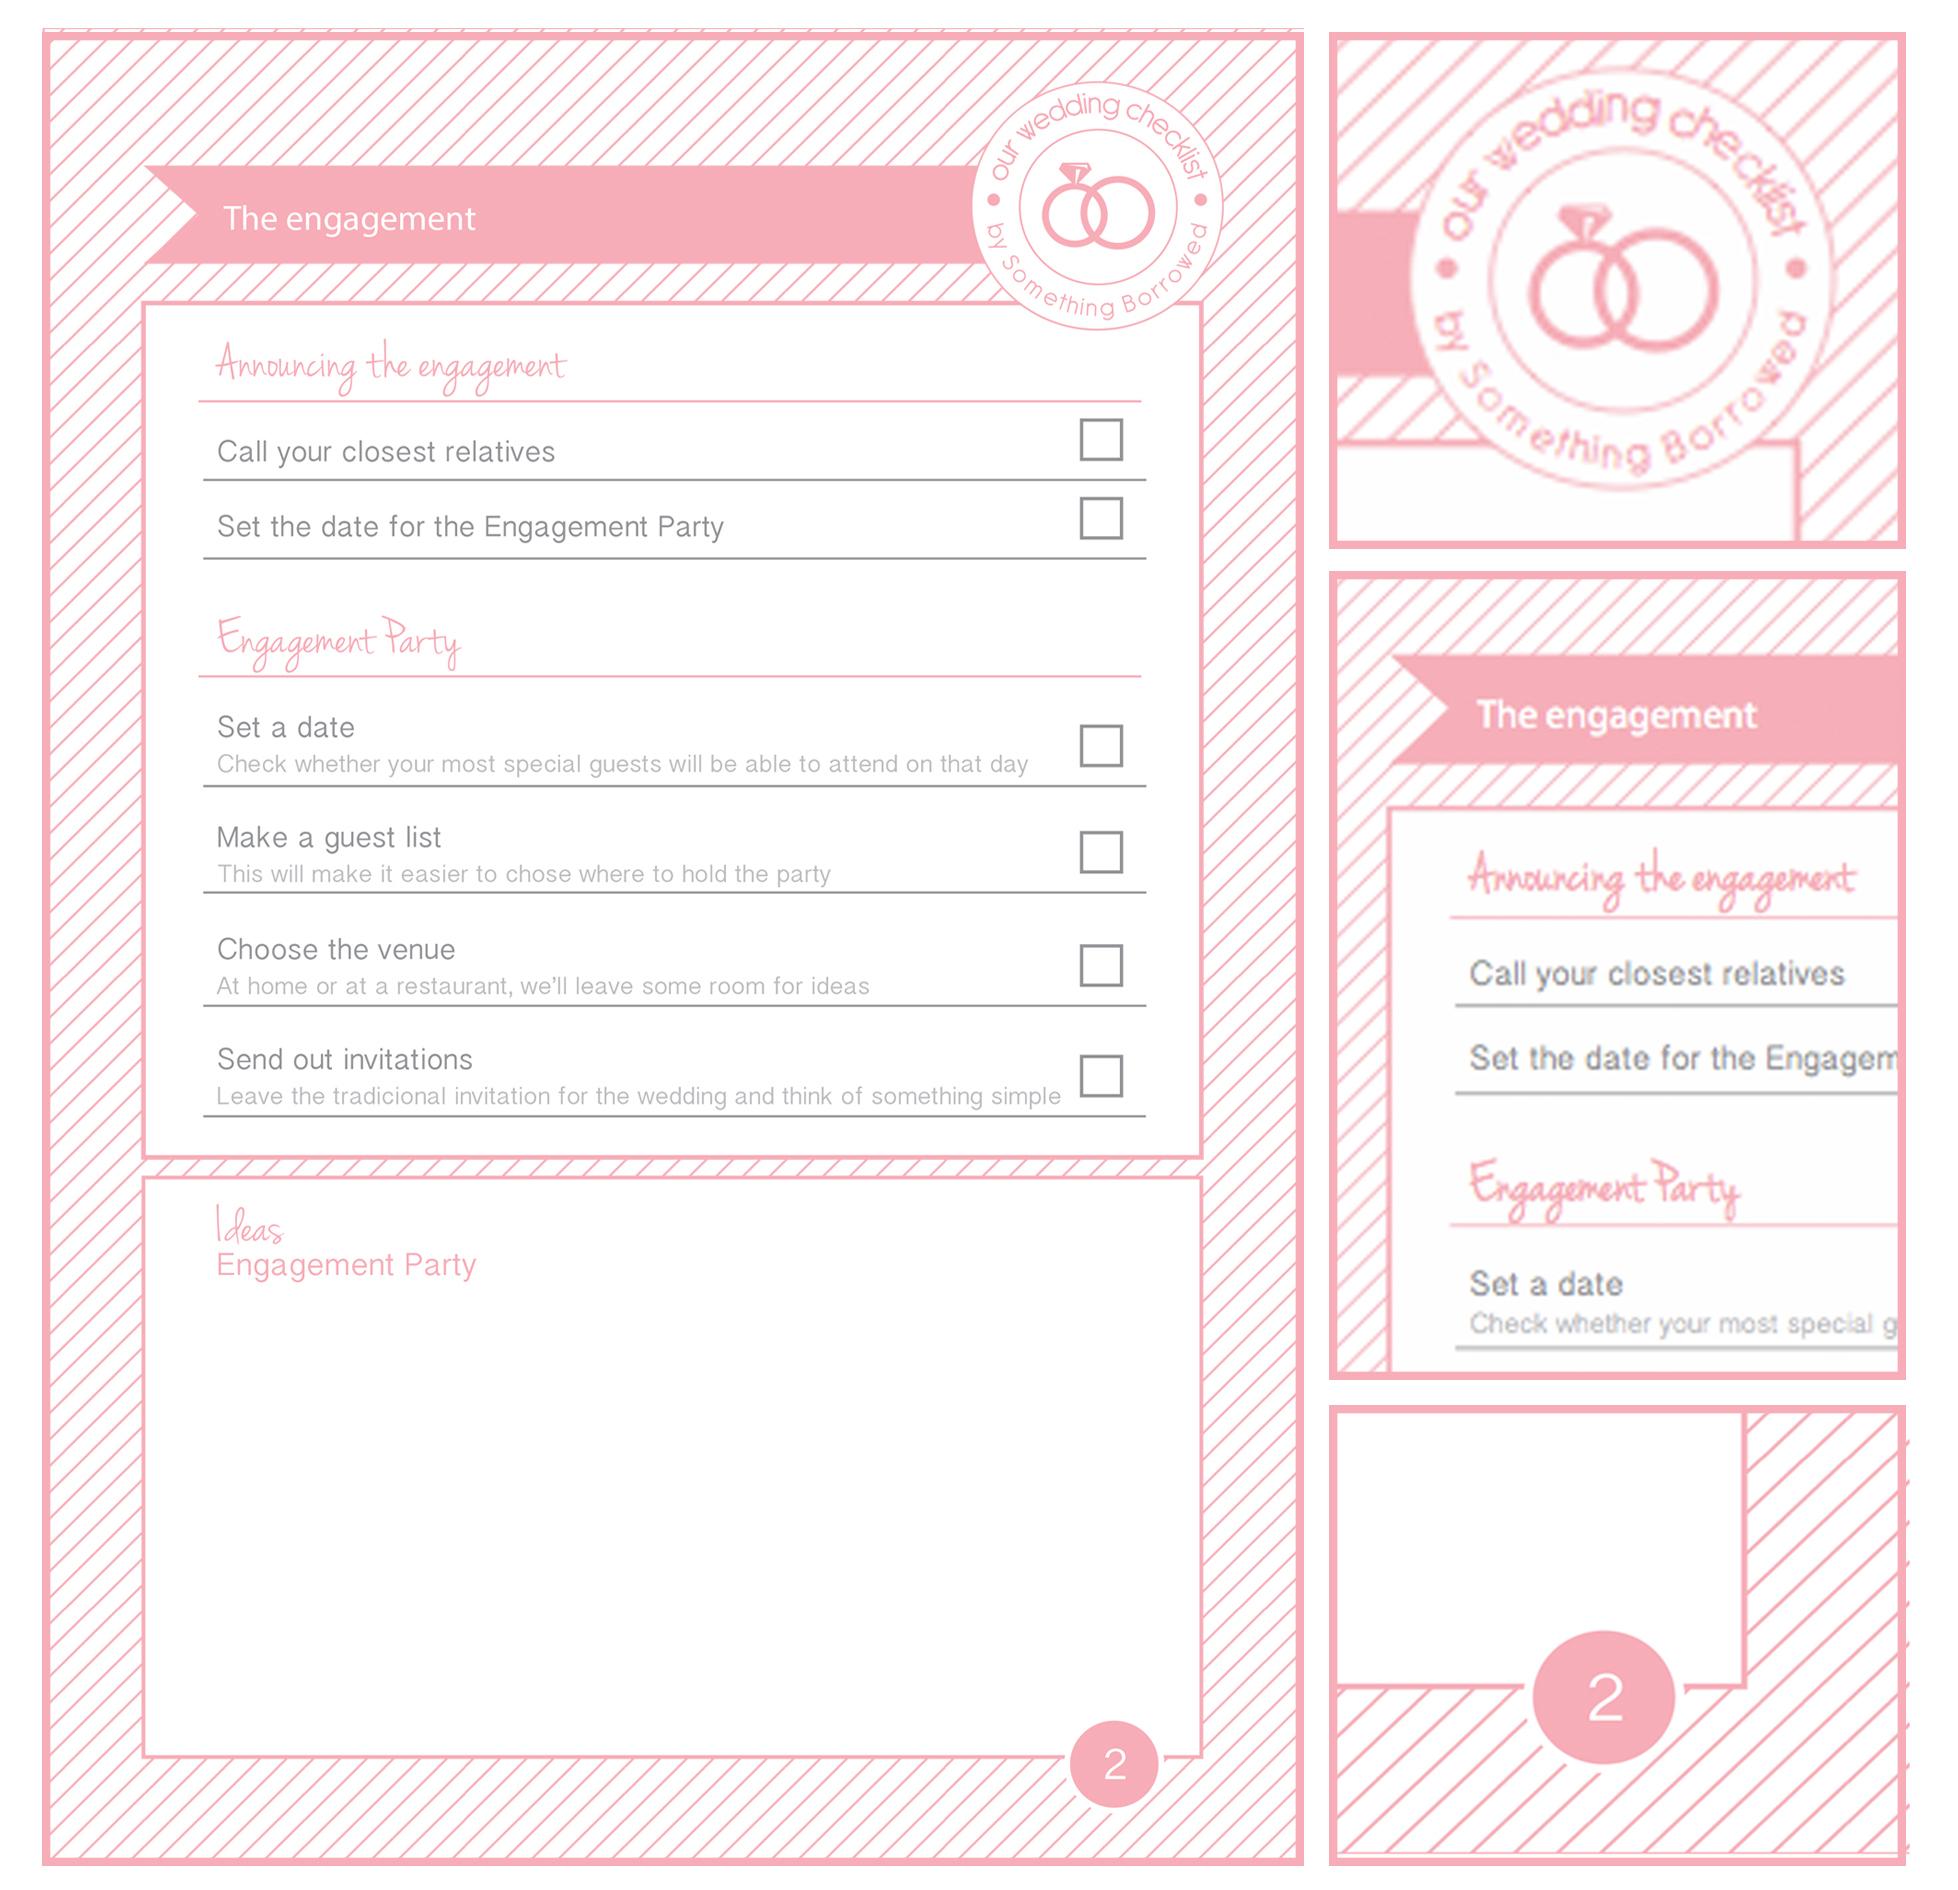 Wedding Planner Book Free Online – Free Wedding Template - Free Printable Wedding Planner Book Online